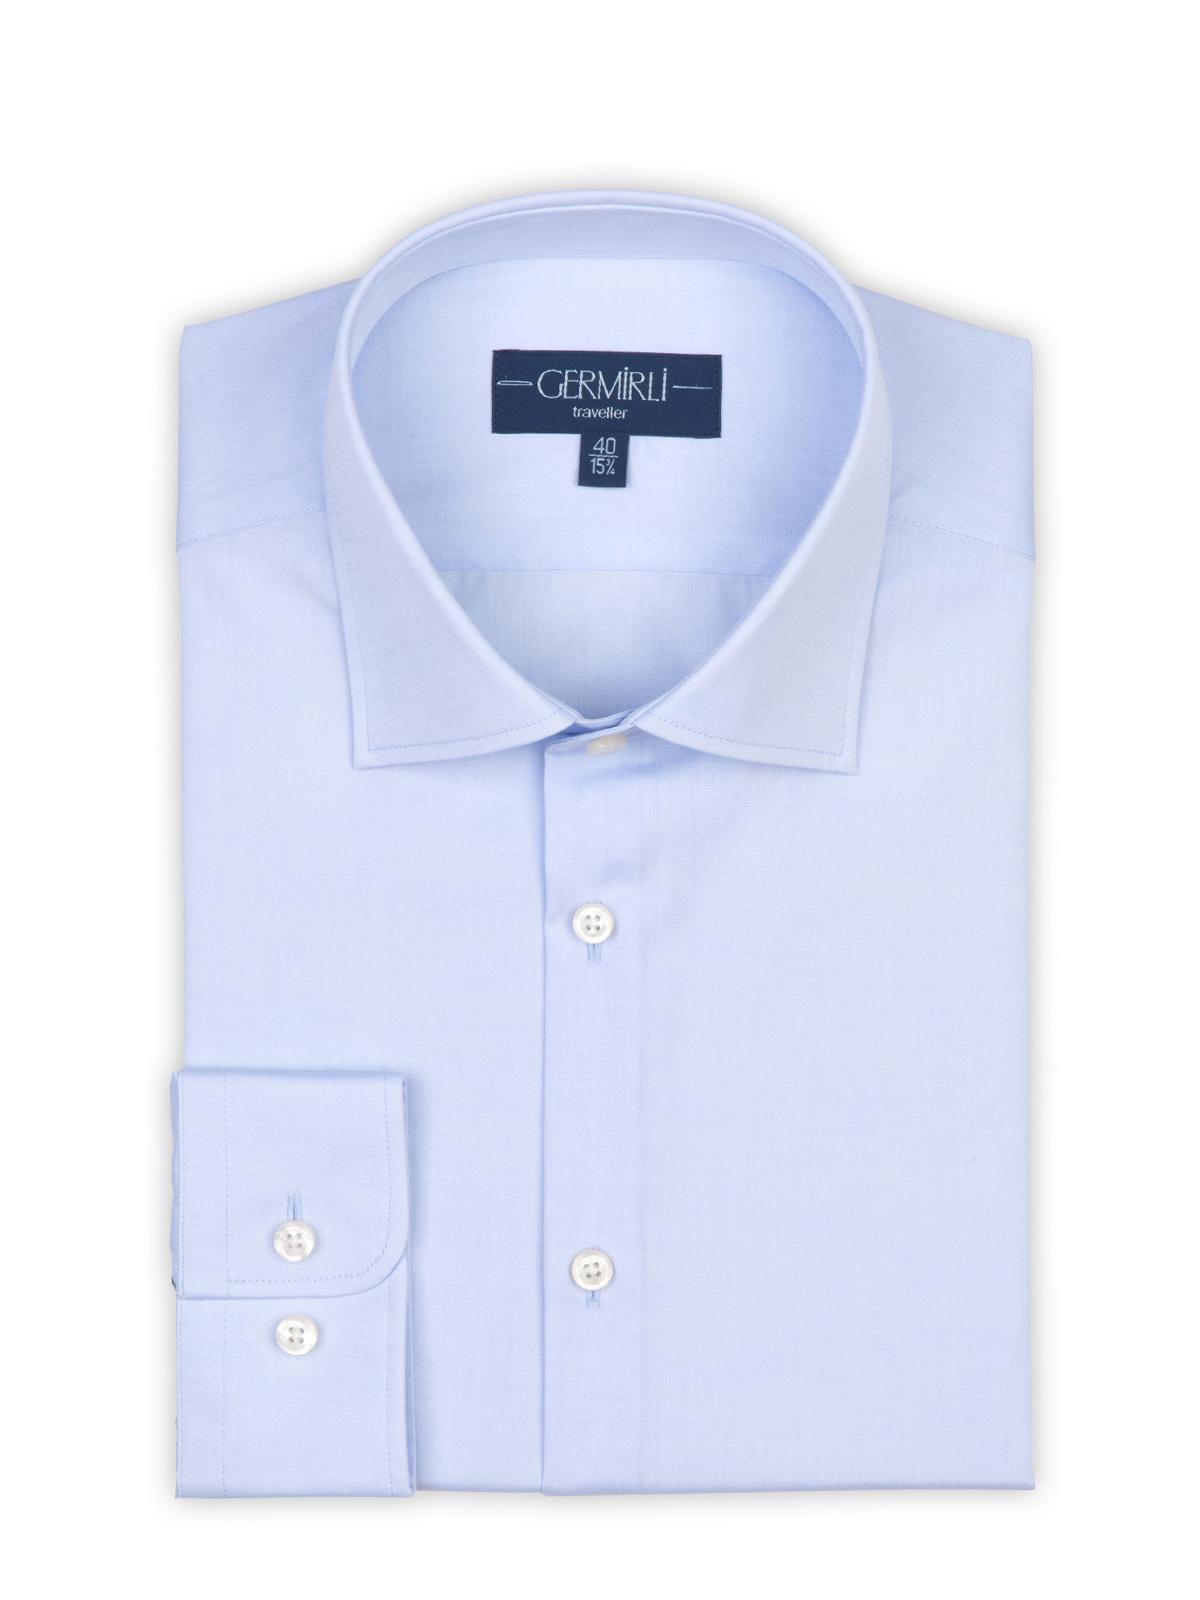 Germirli Non Iron Açık Mavi Klasik Yaka Tailor Fit Gömlek